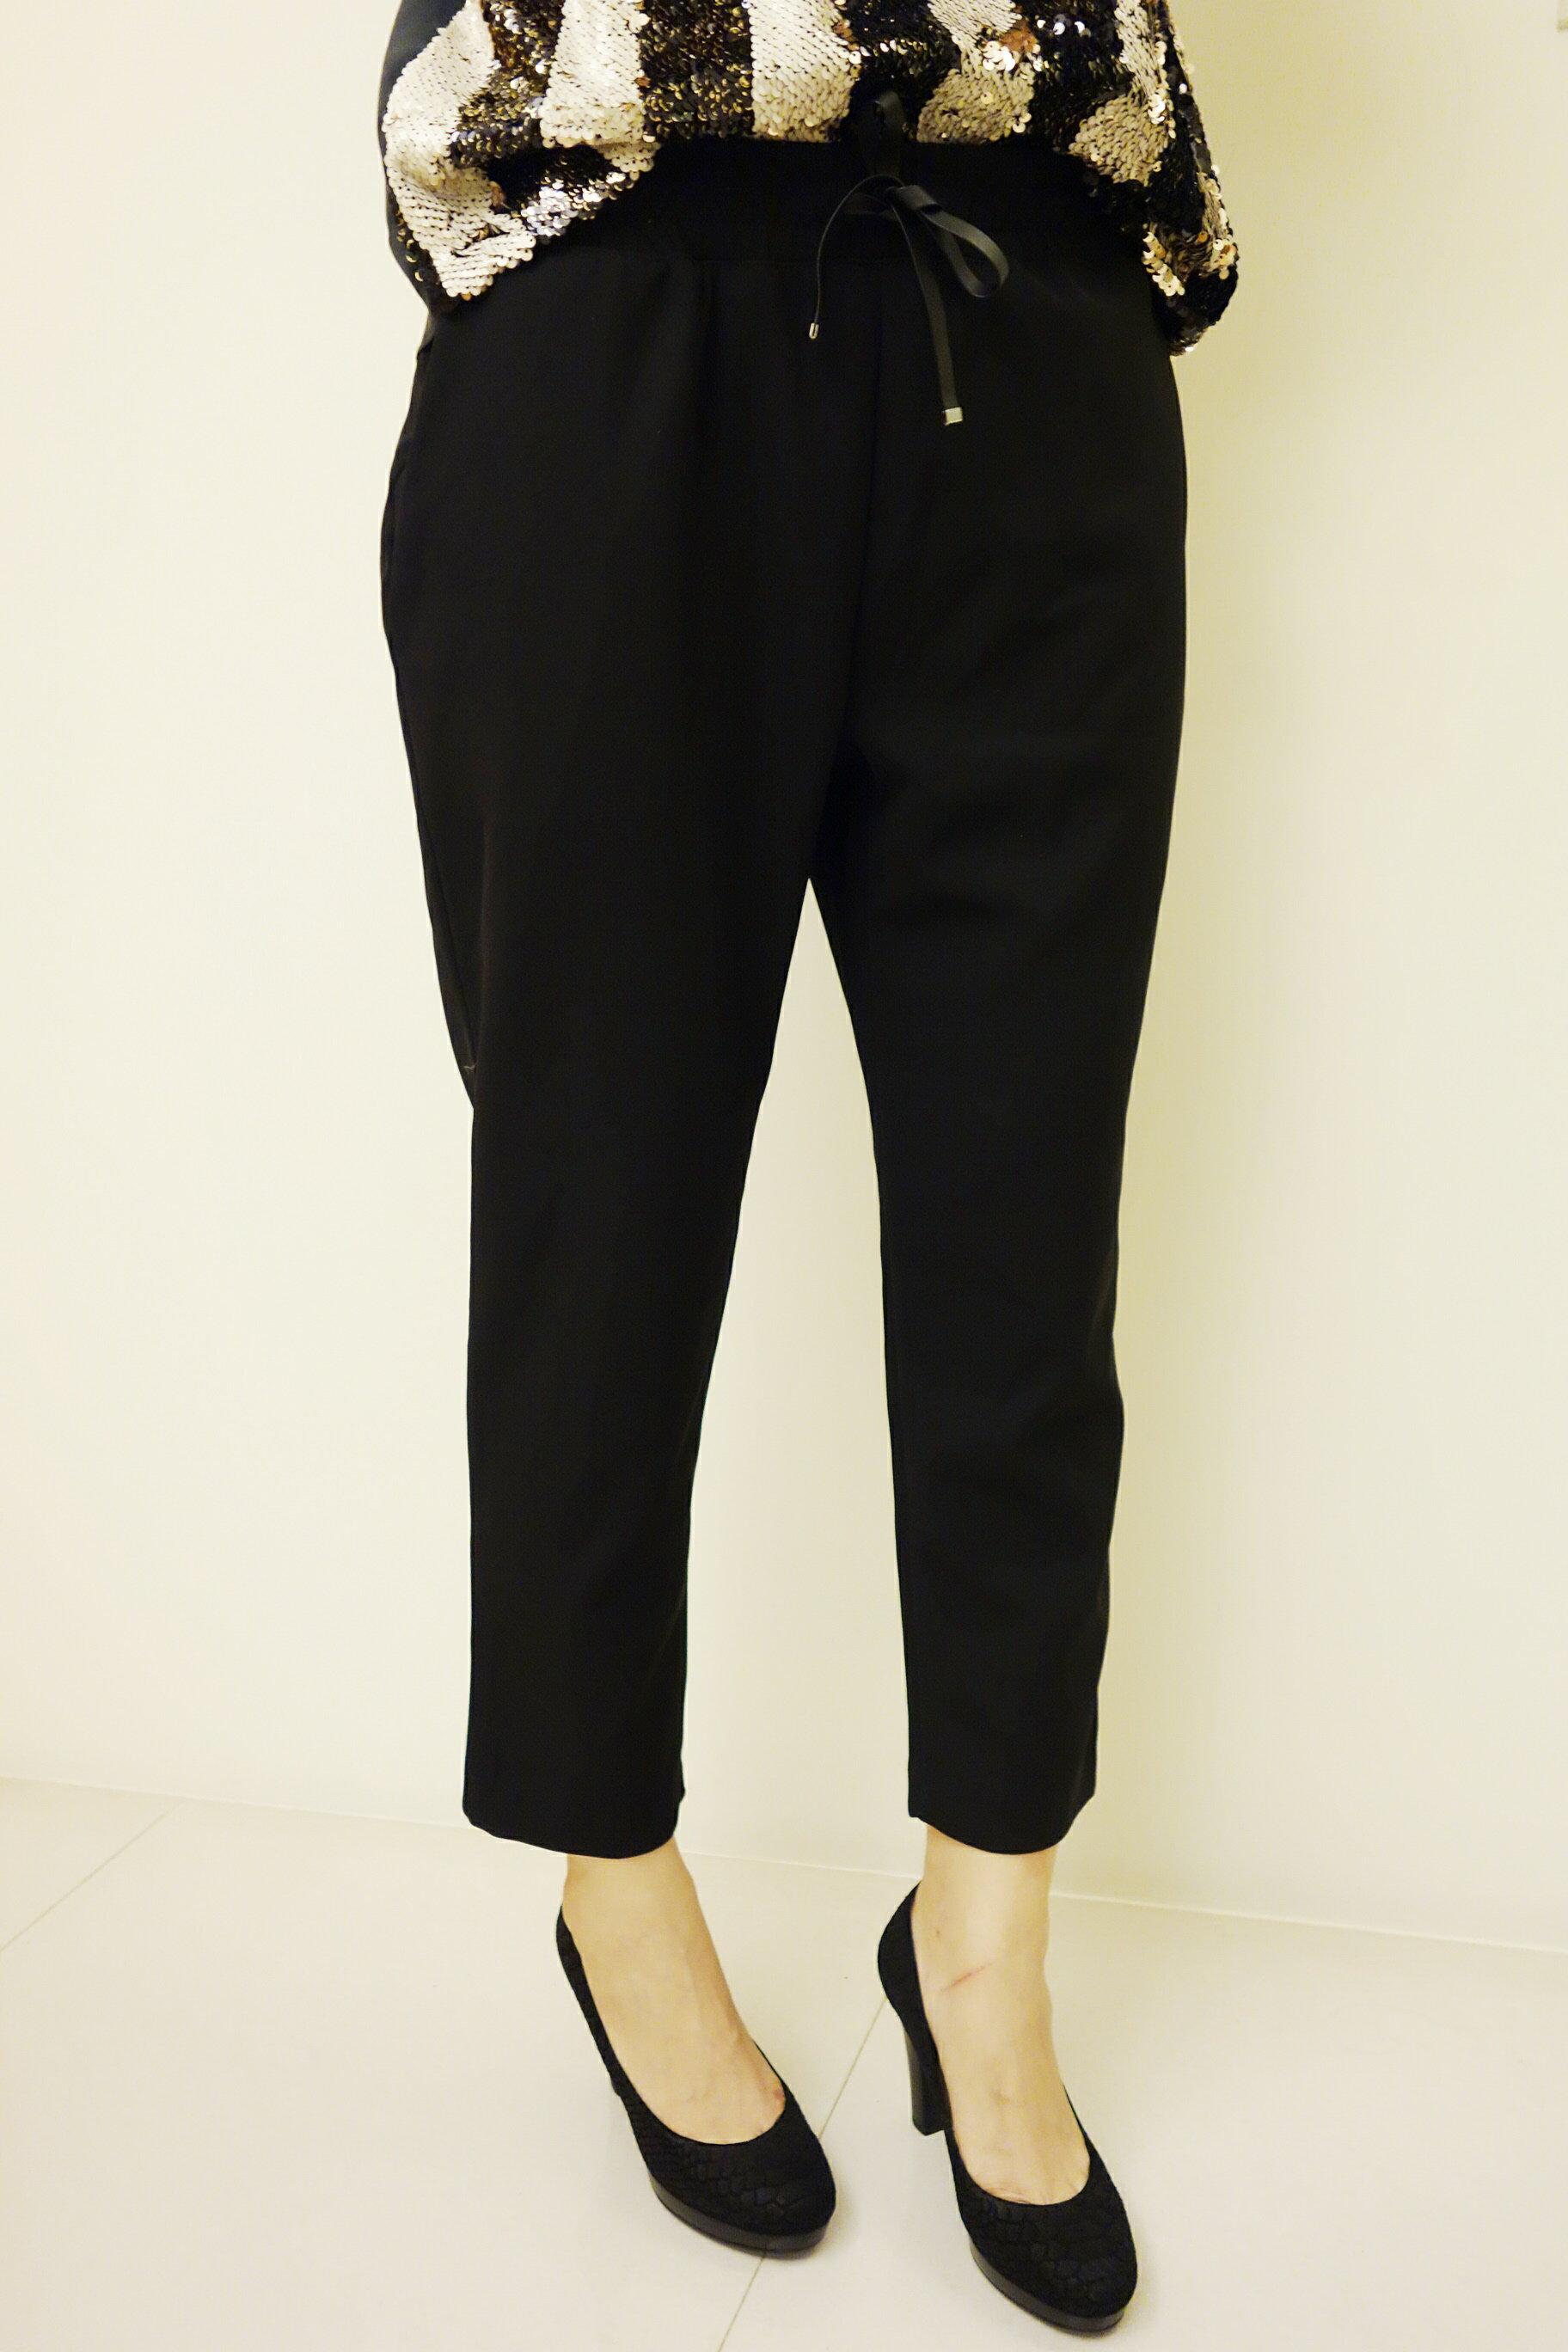 【miss emma】韓國簡約時尚設計鬆緊帶西裝褲